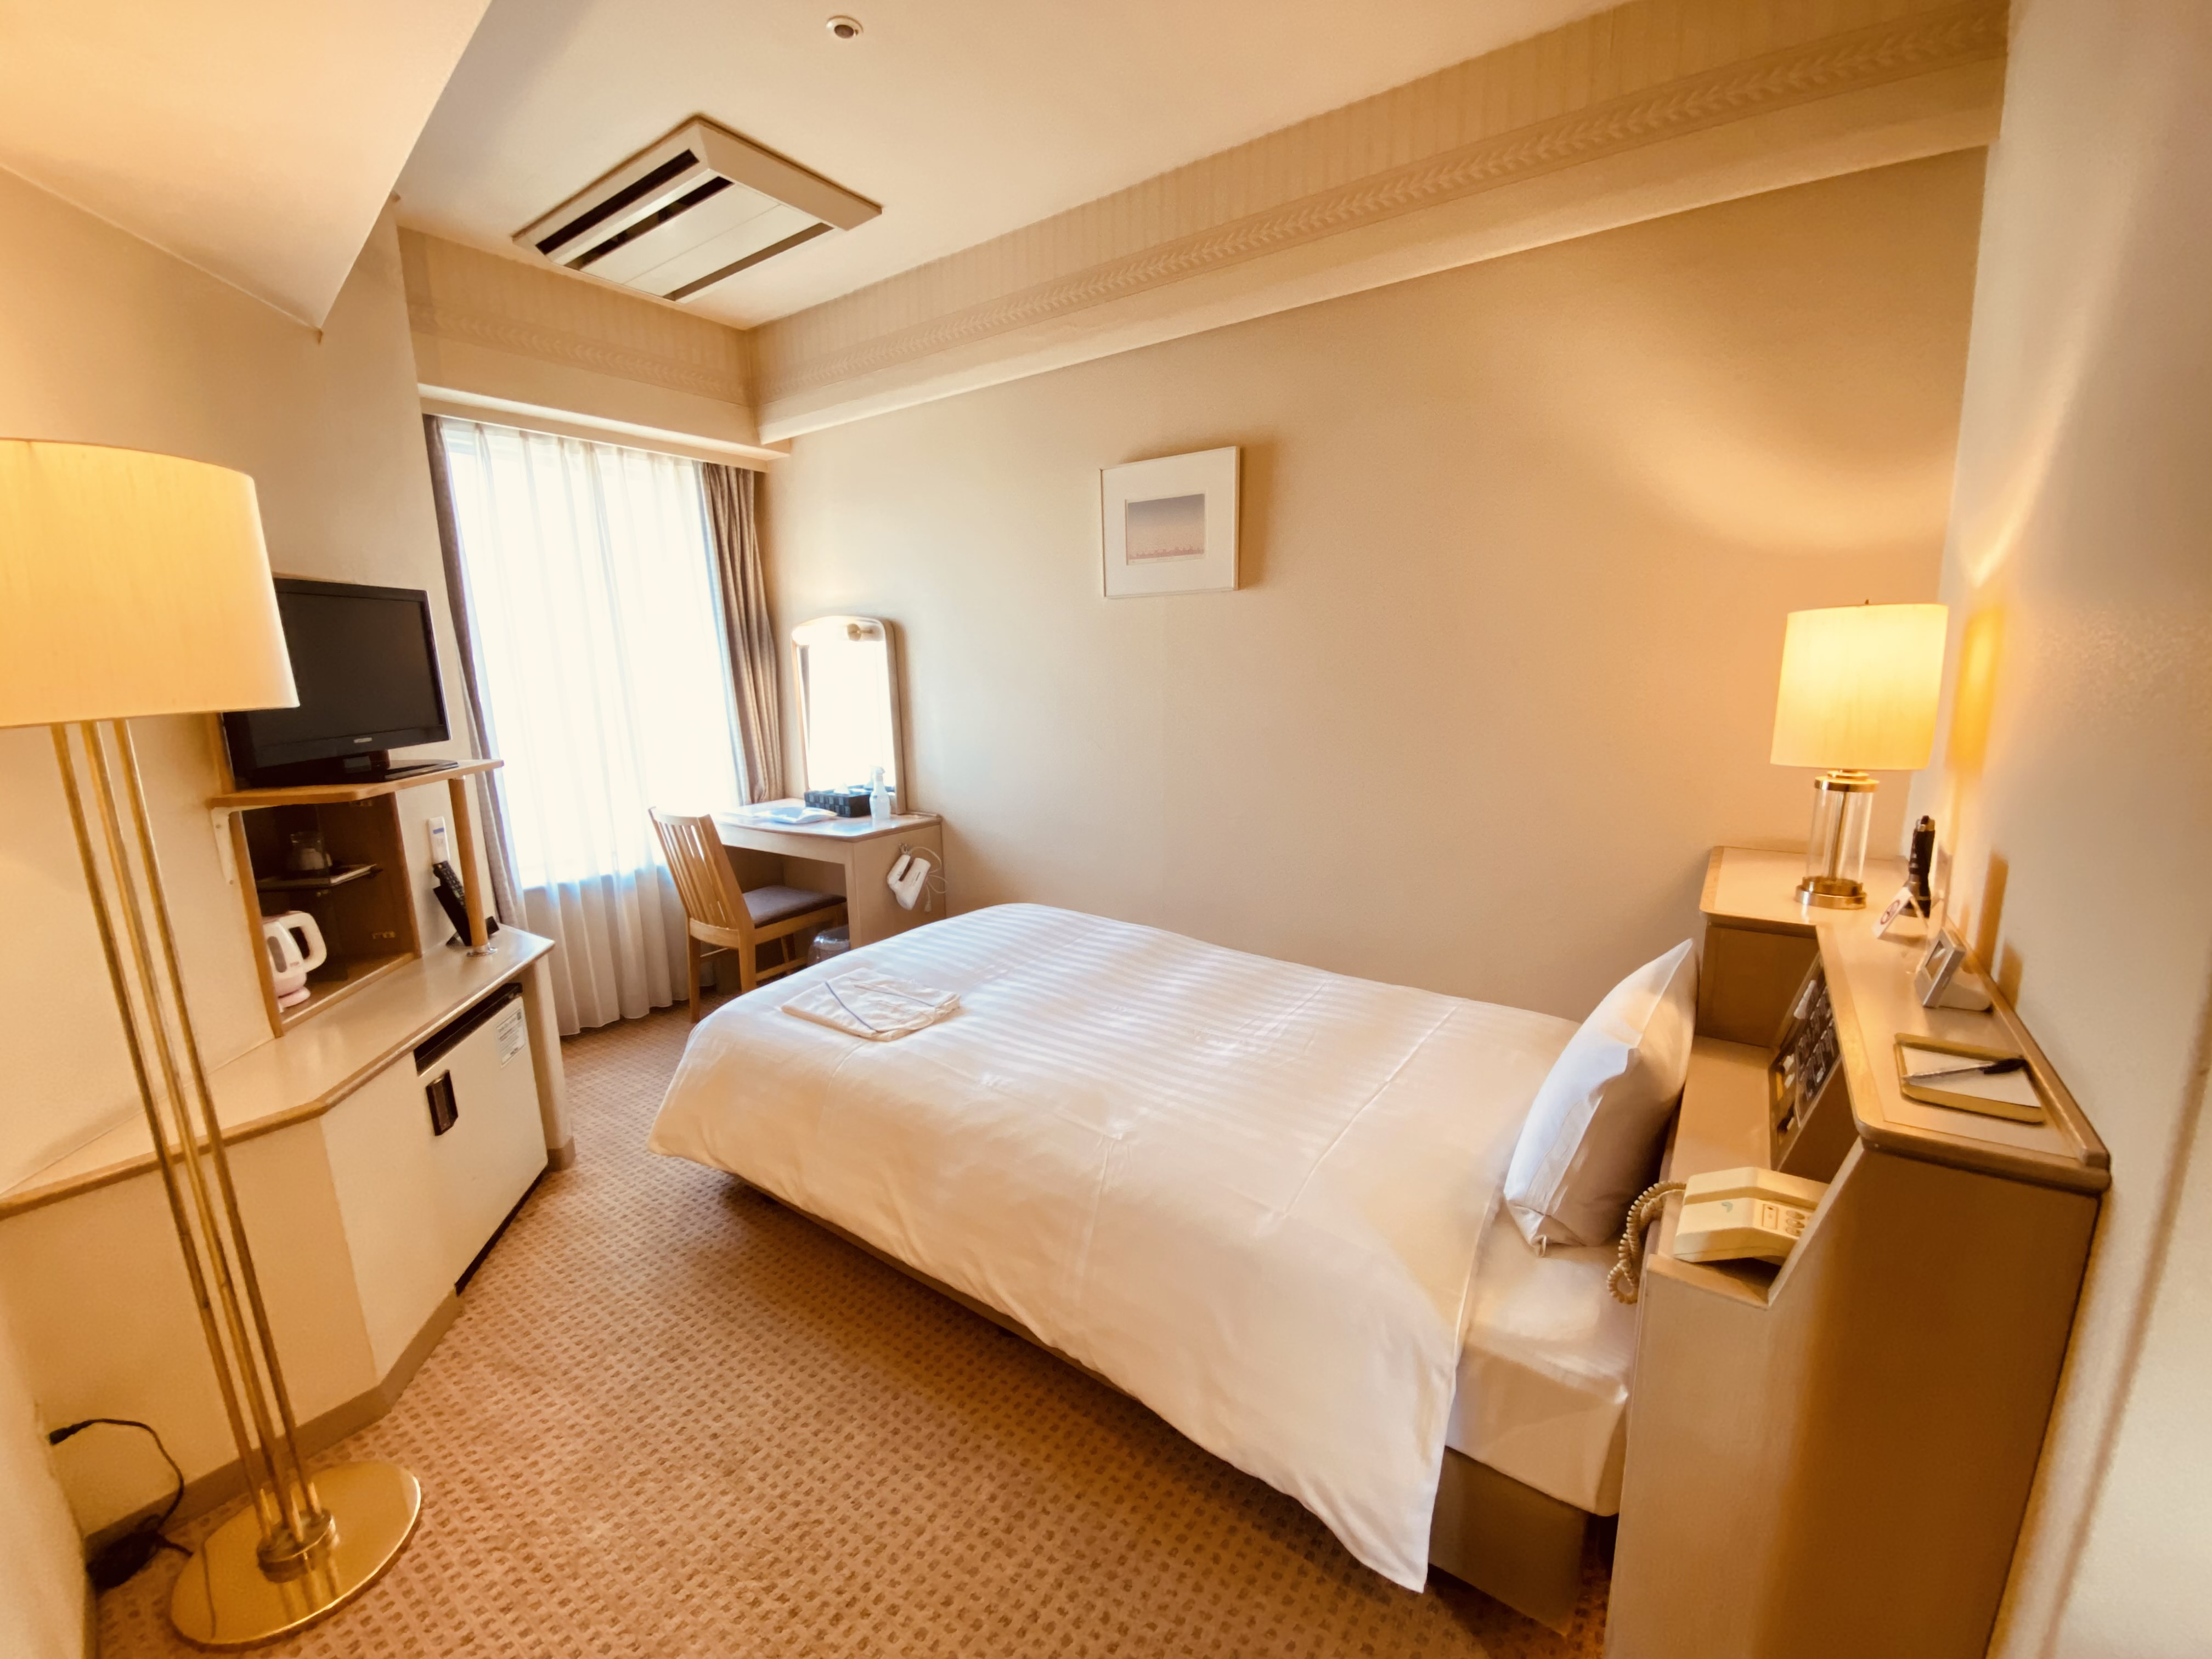 スマイルホテル東京西葛西 / 【素泊まり】スマイルバリューステイプラン